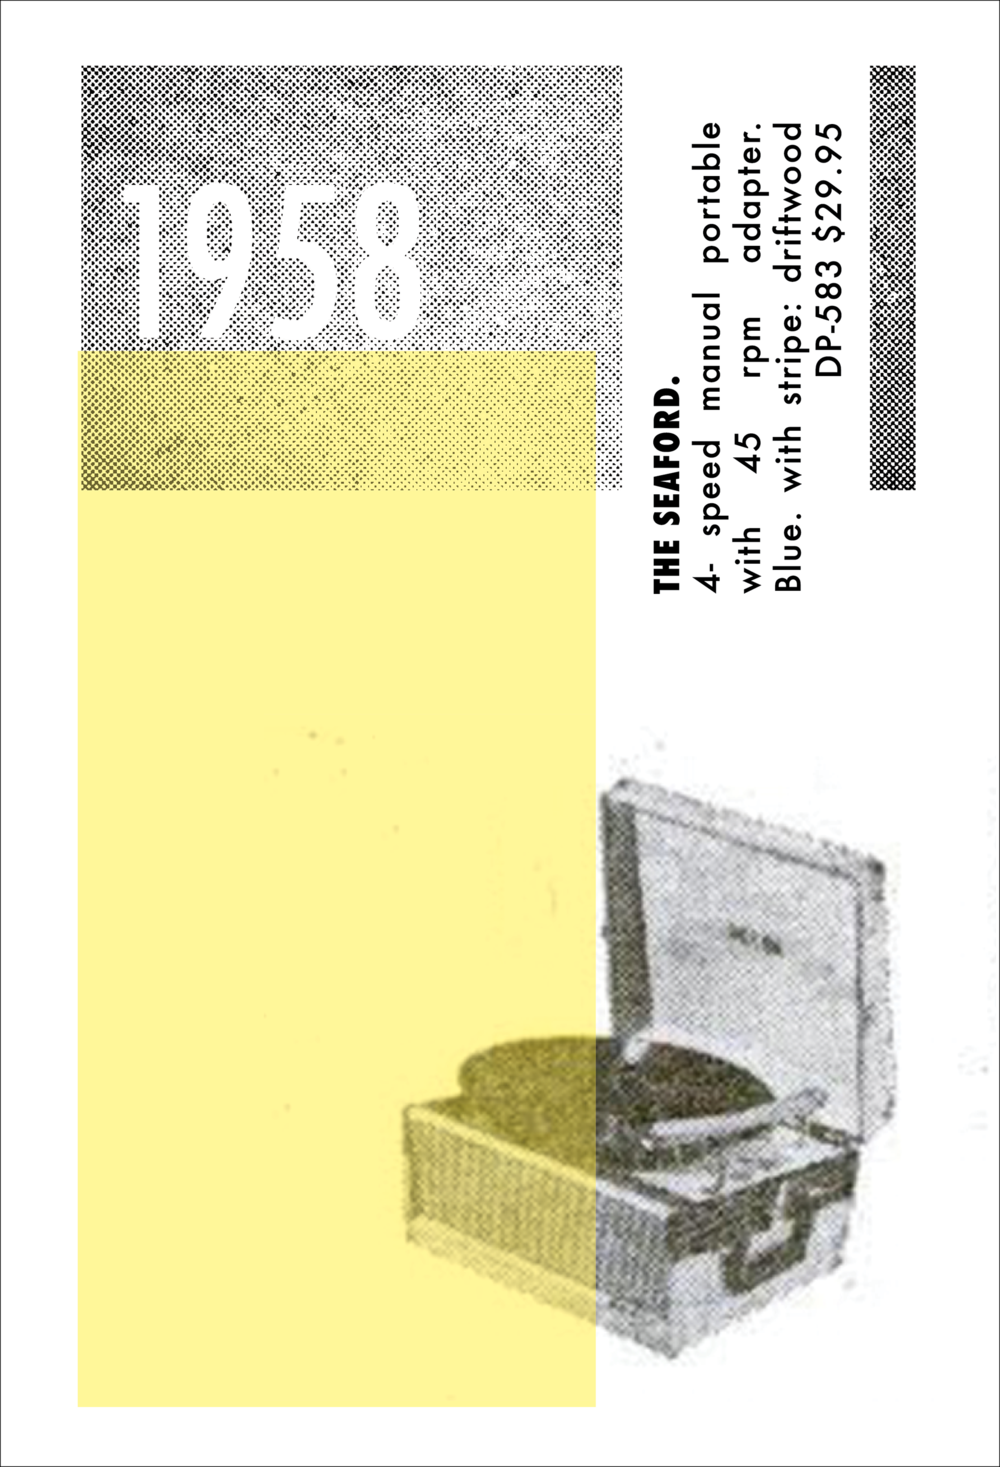 d36b56c7-2c4c-4676-9b8c-679f6a95eae1_rw_1920.png